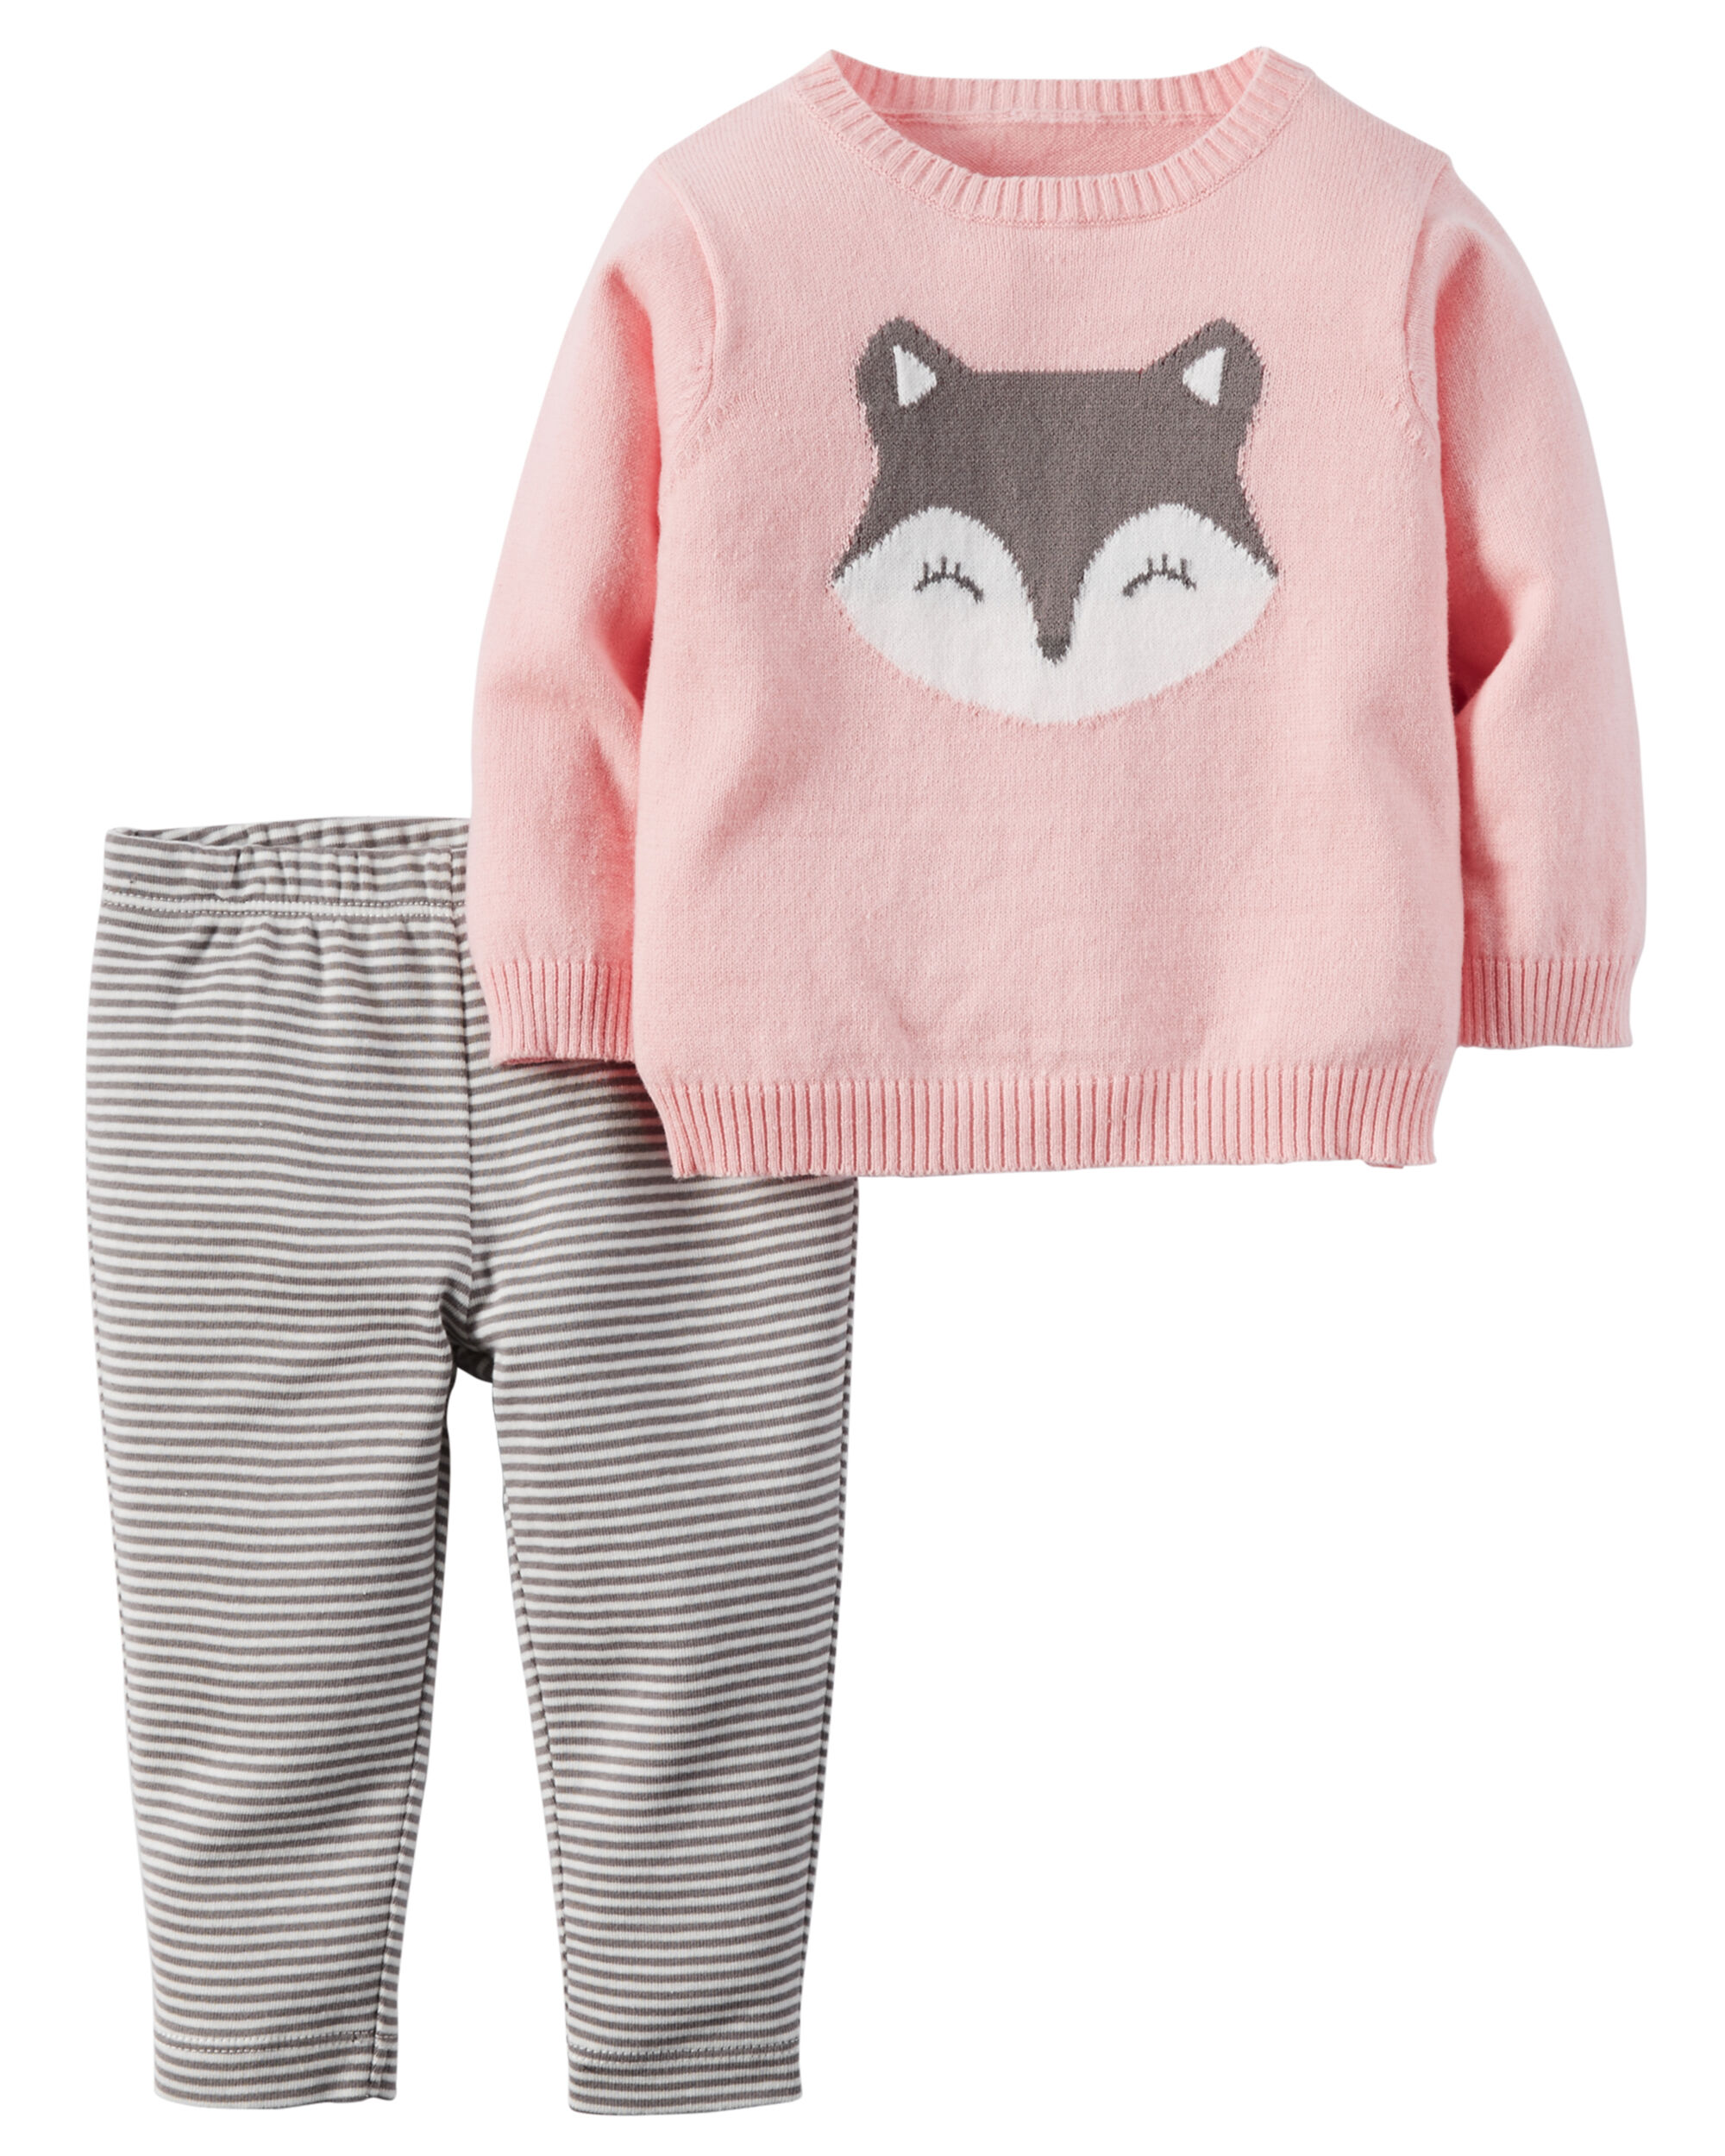 2 Piece Little Sweater Set Carters Com